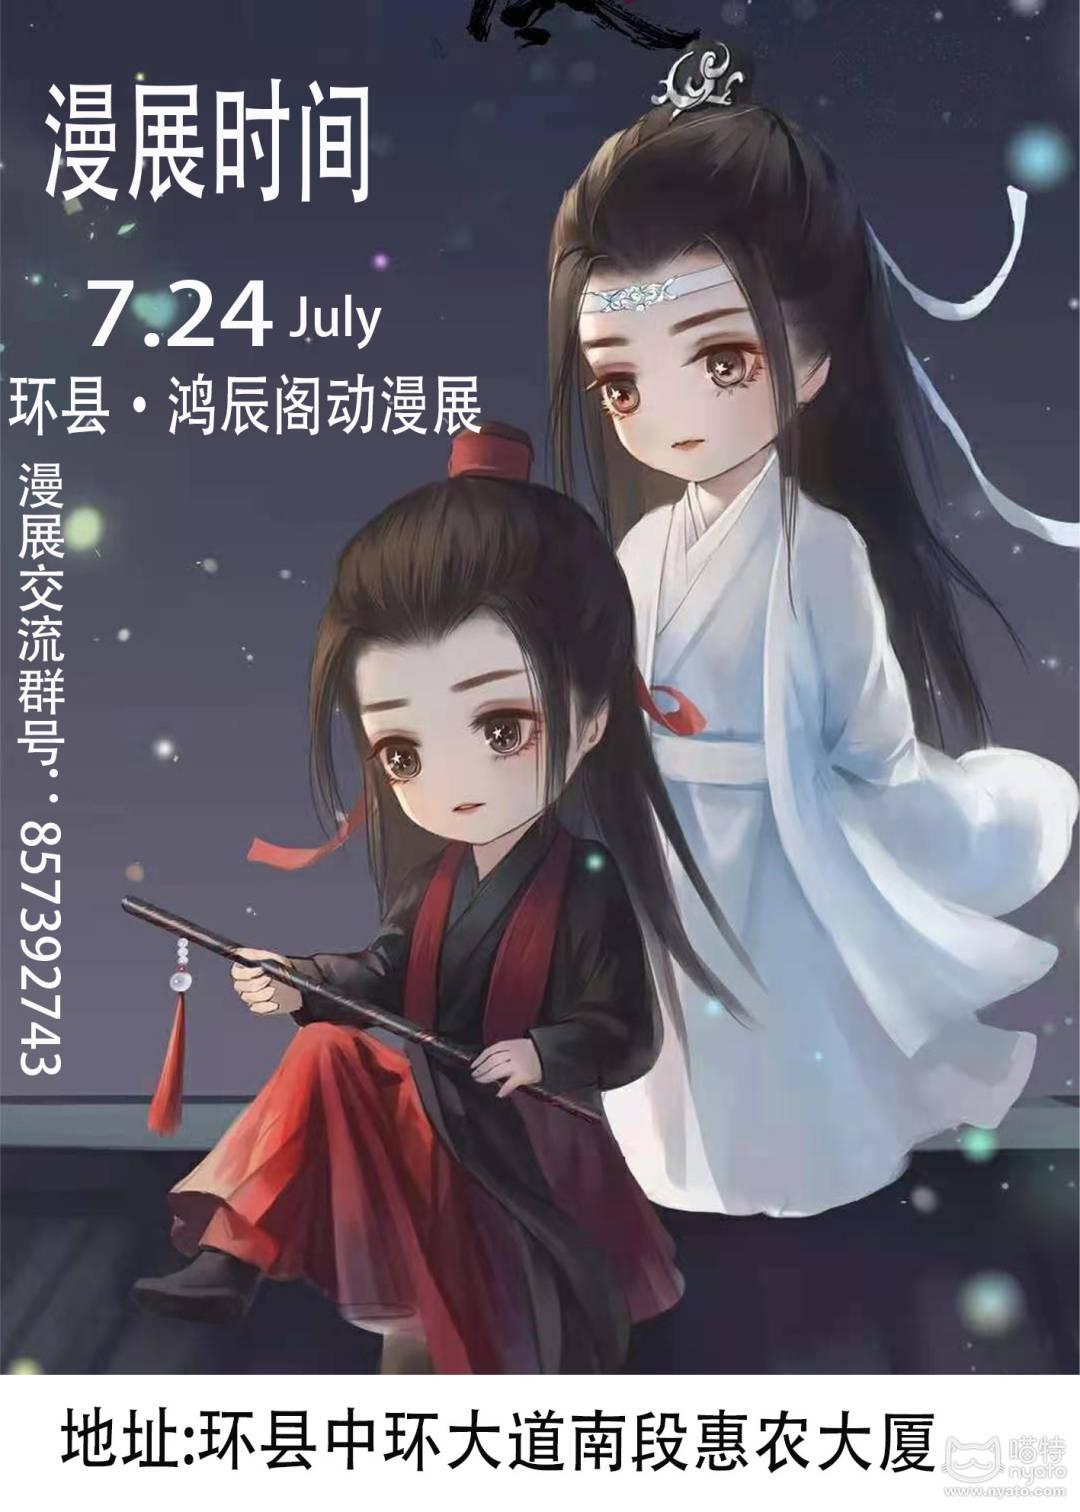 环县海报.png